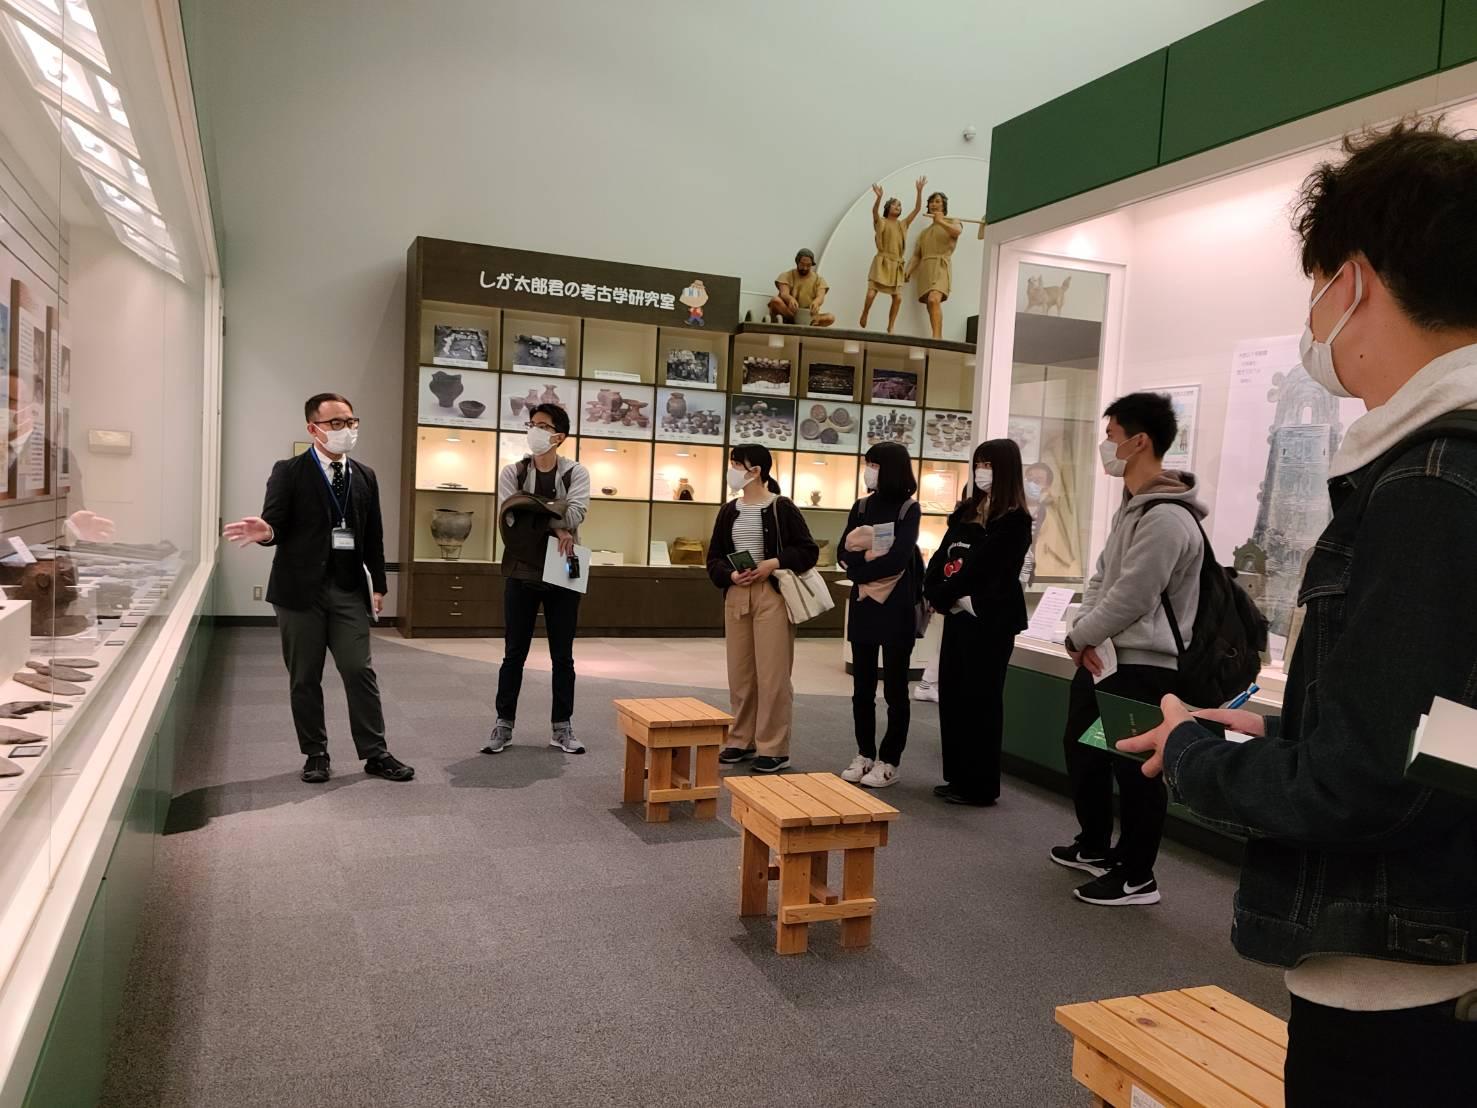 安土城考古学博物館の見学